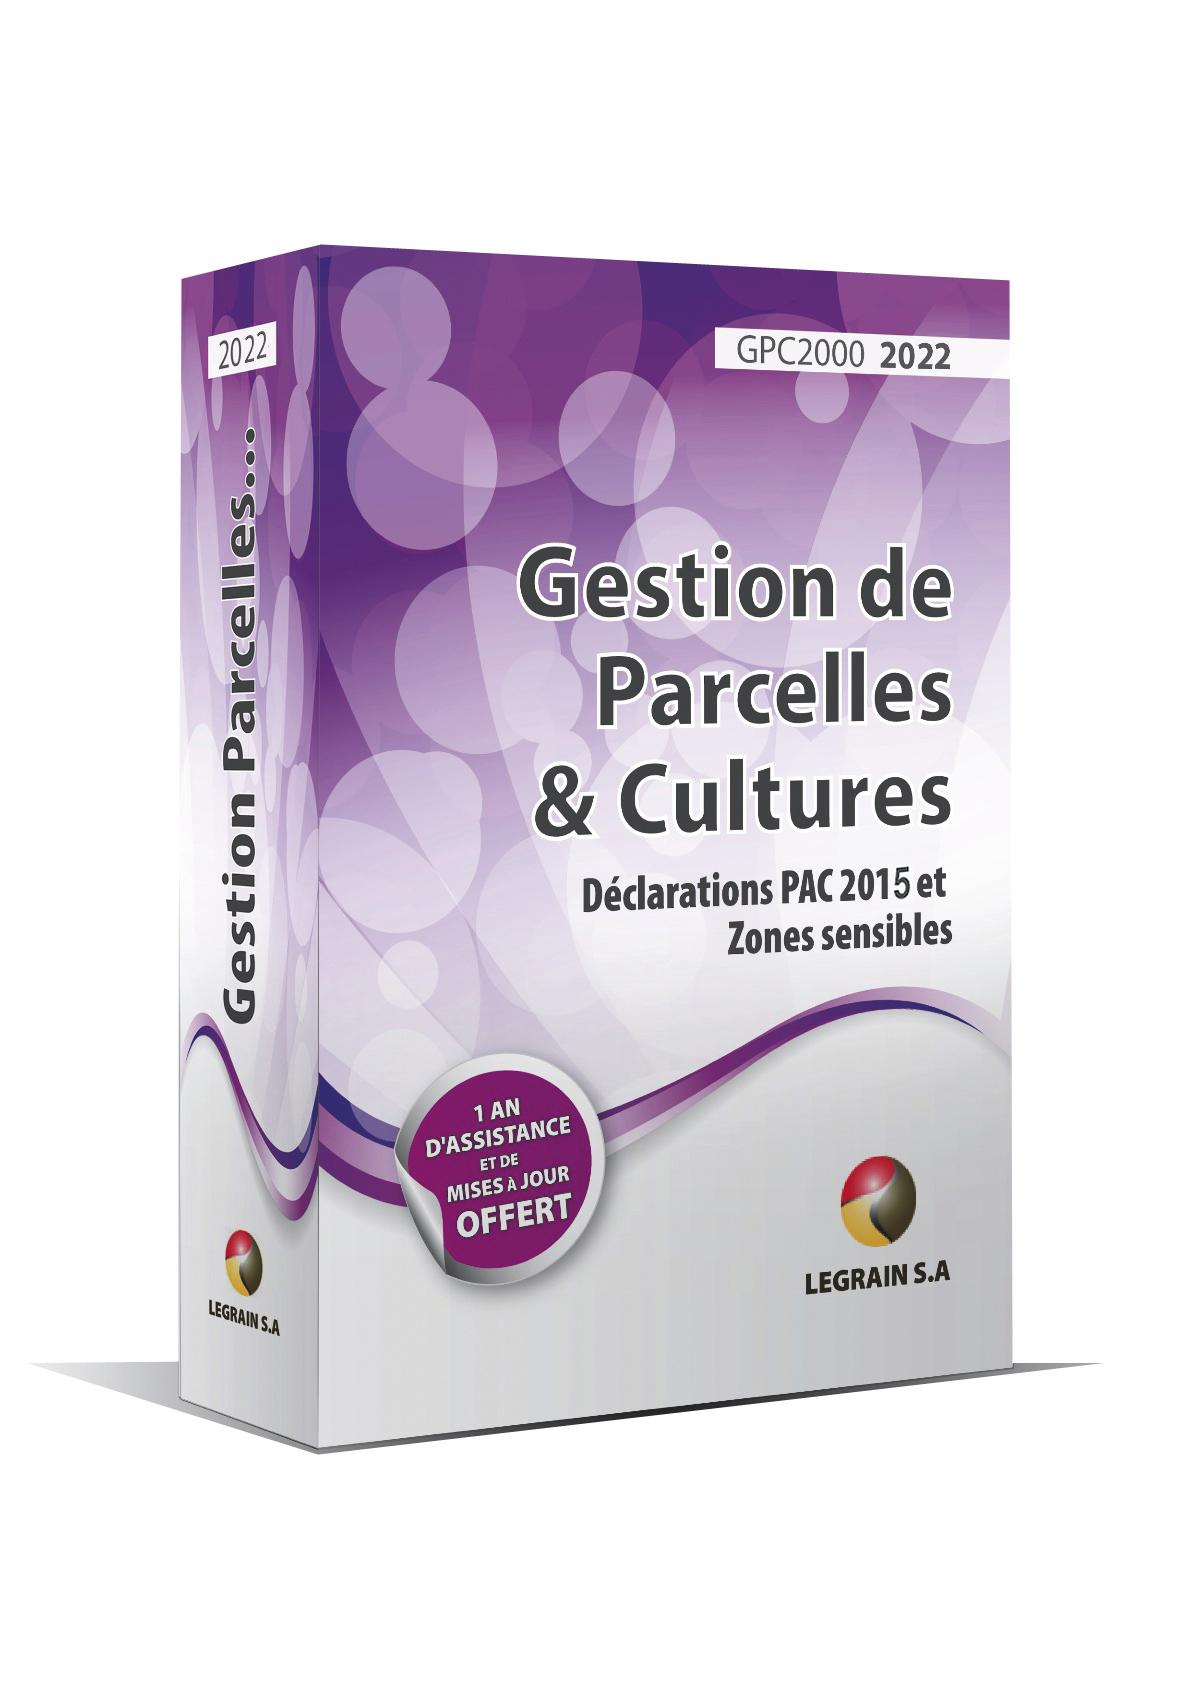 gpc2000-logiciel-gestion-parcelles